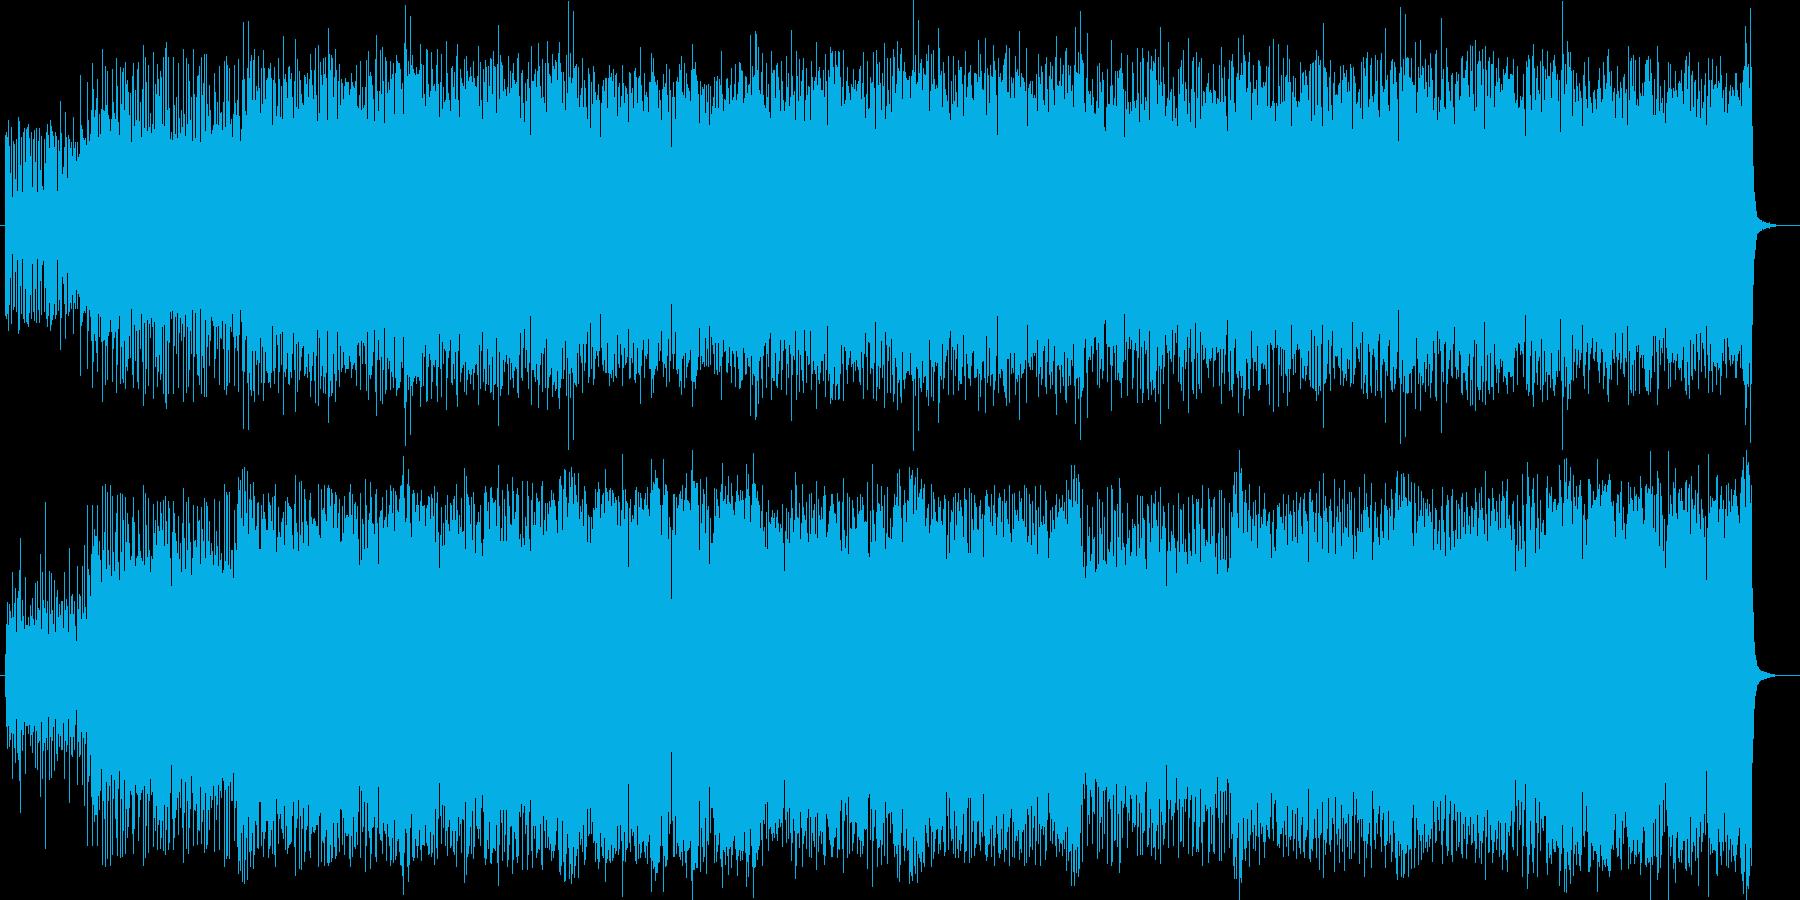 ビートが効いたポップなシンセの曲の再生済みの波形